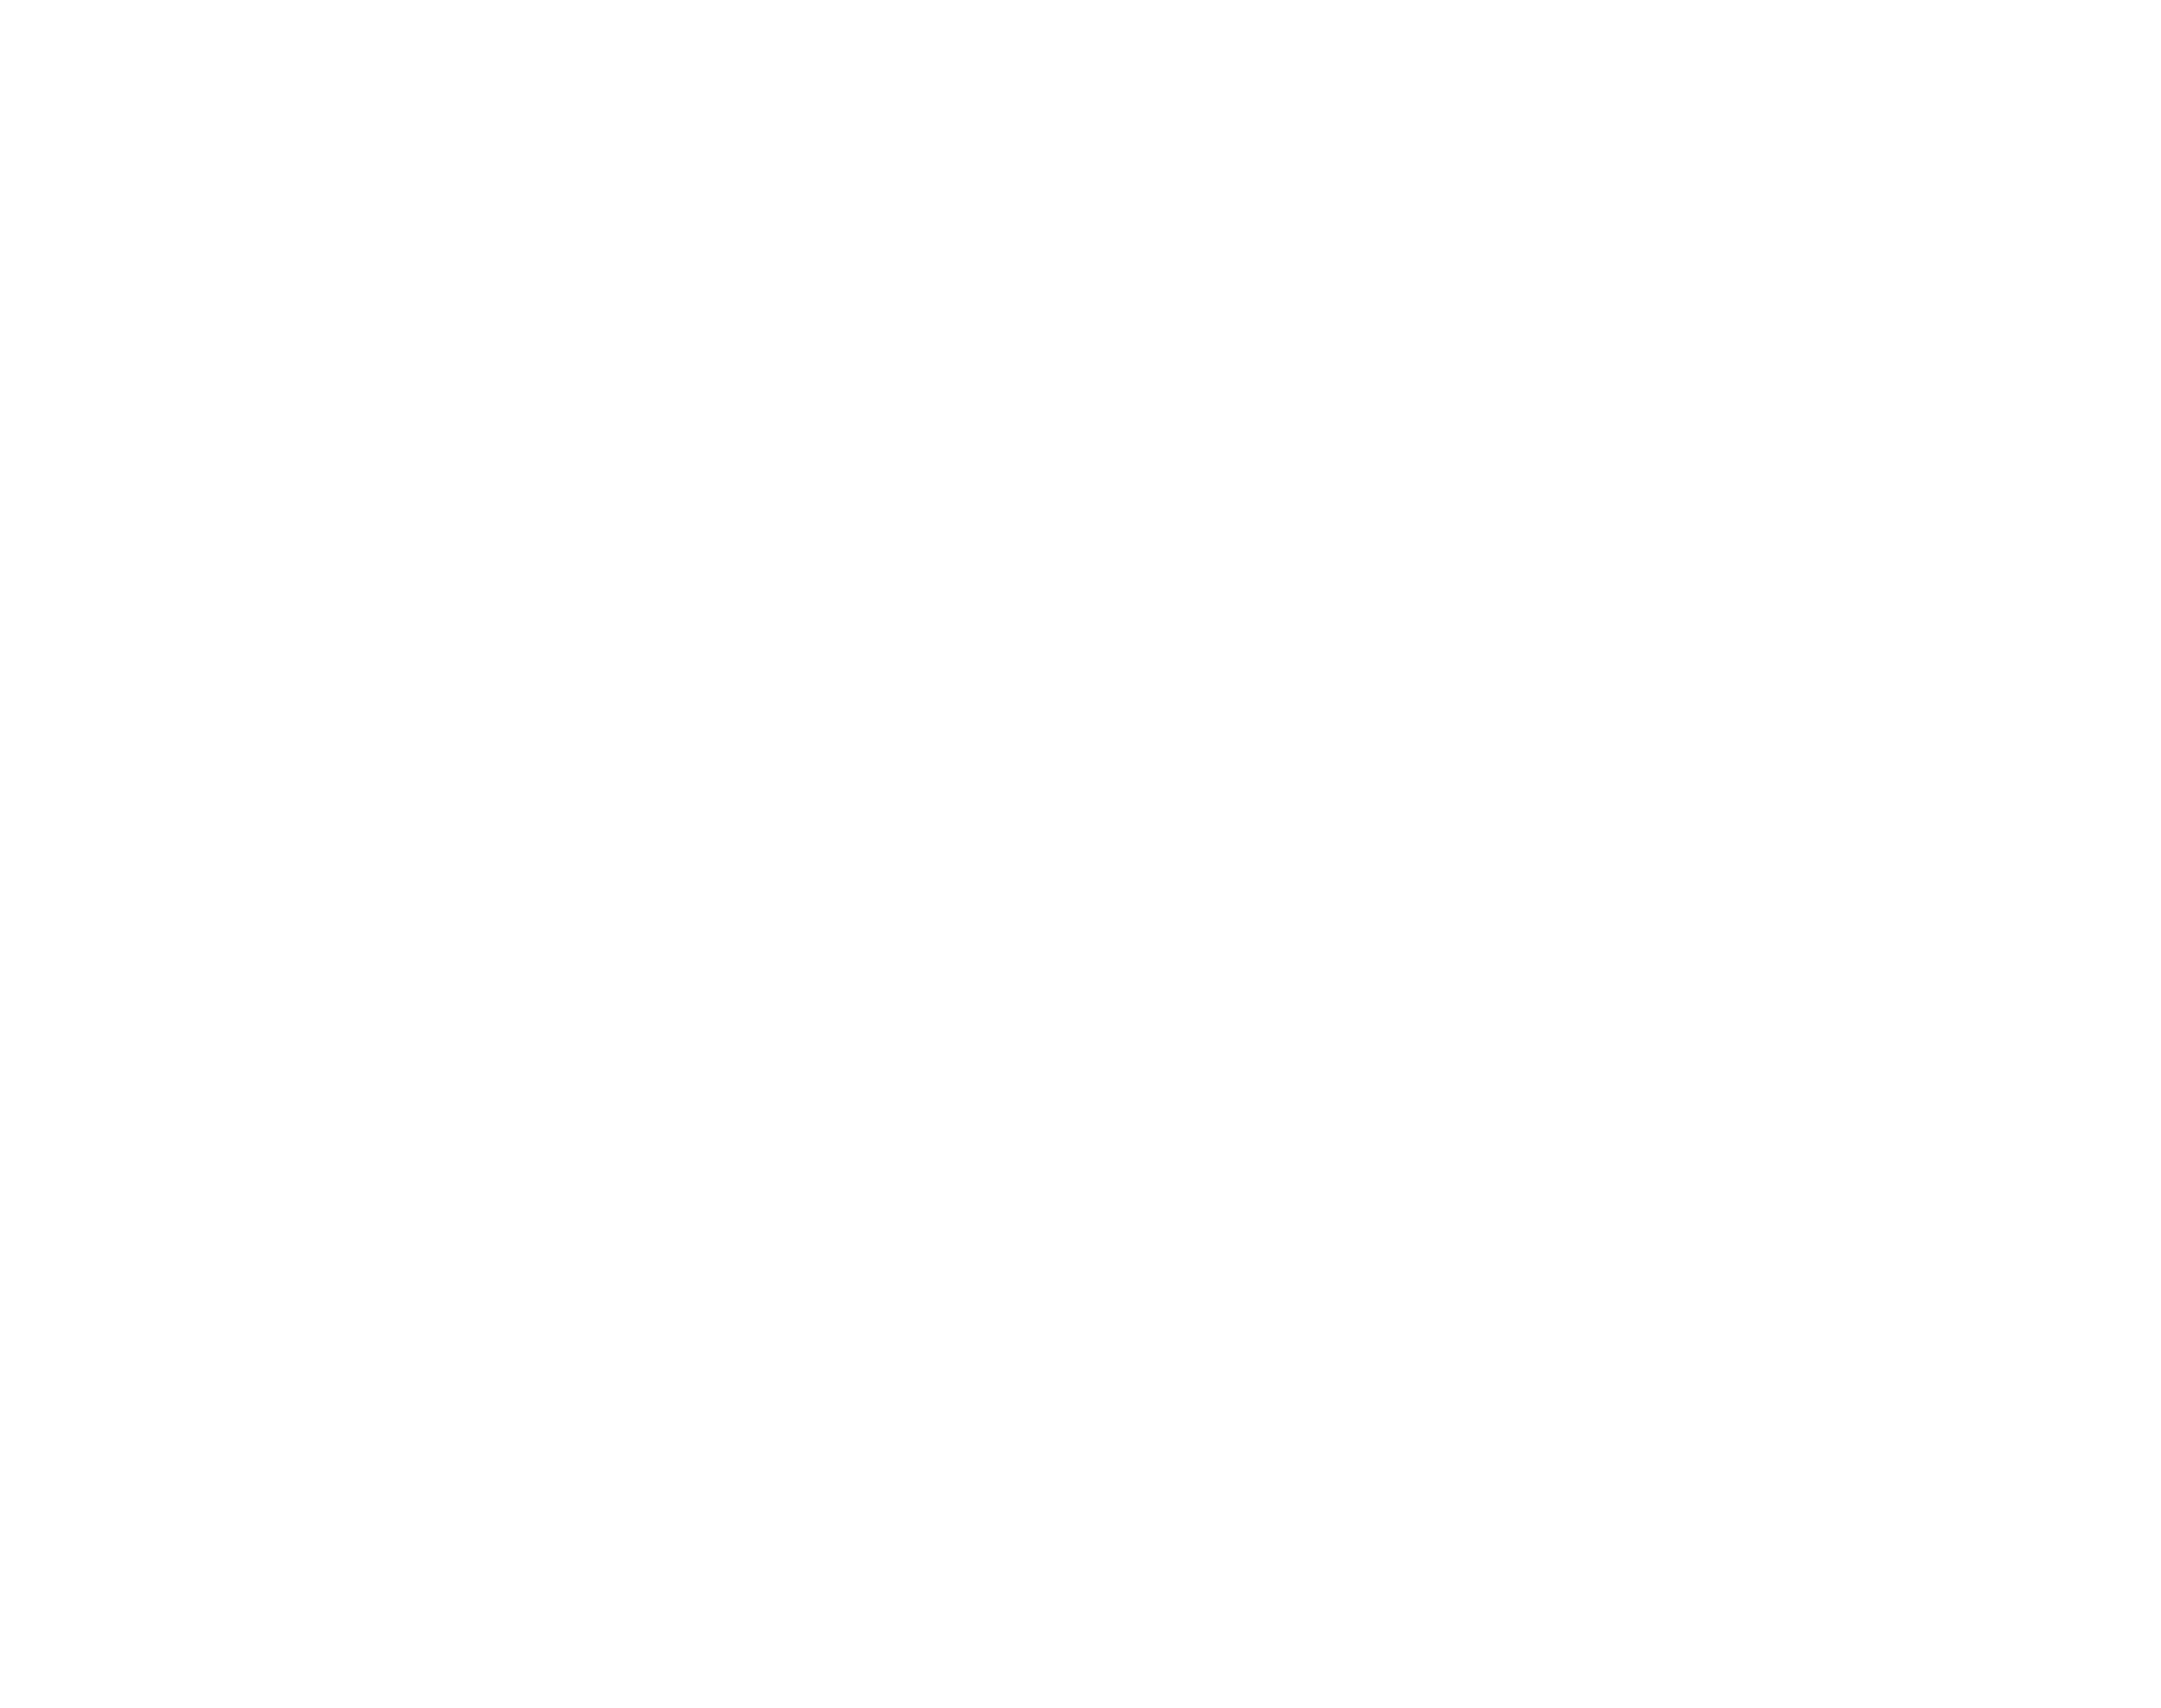 PT. GPART JAYA SOLUSI